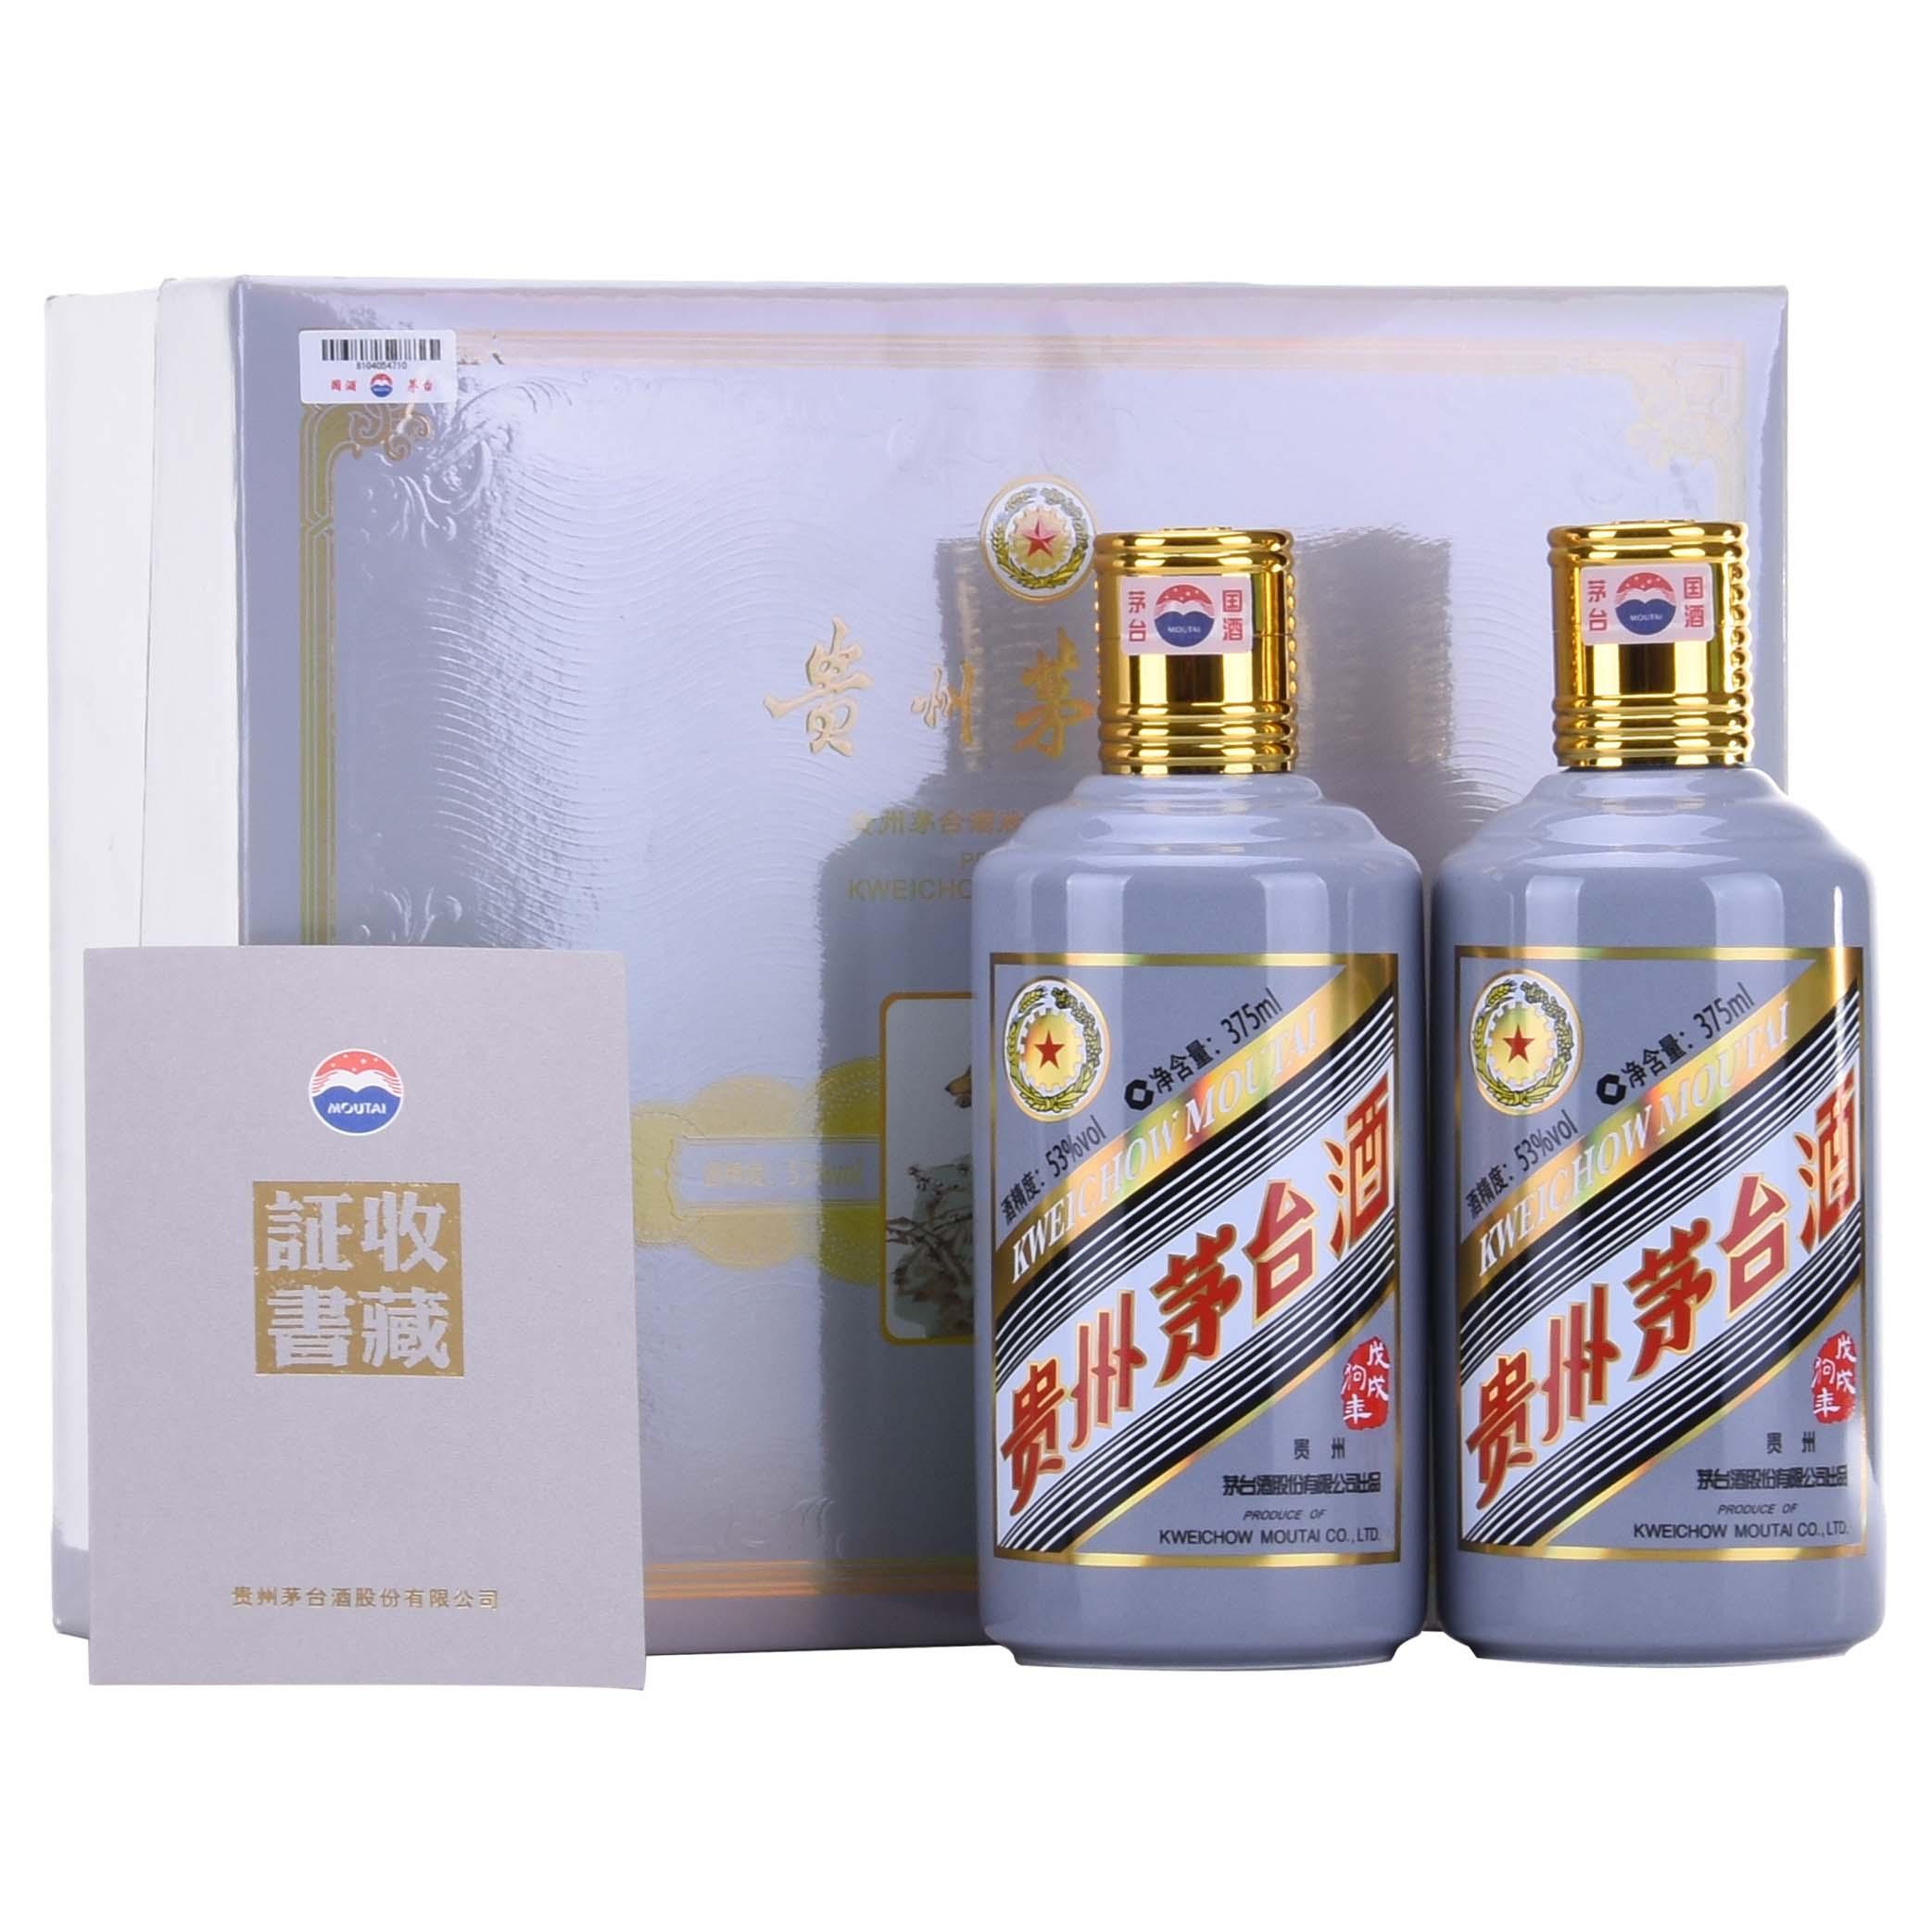 53°贵州茅台酒(戊戌狗年礼盒)375ml(一套2瓶)